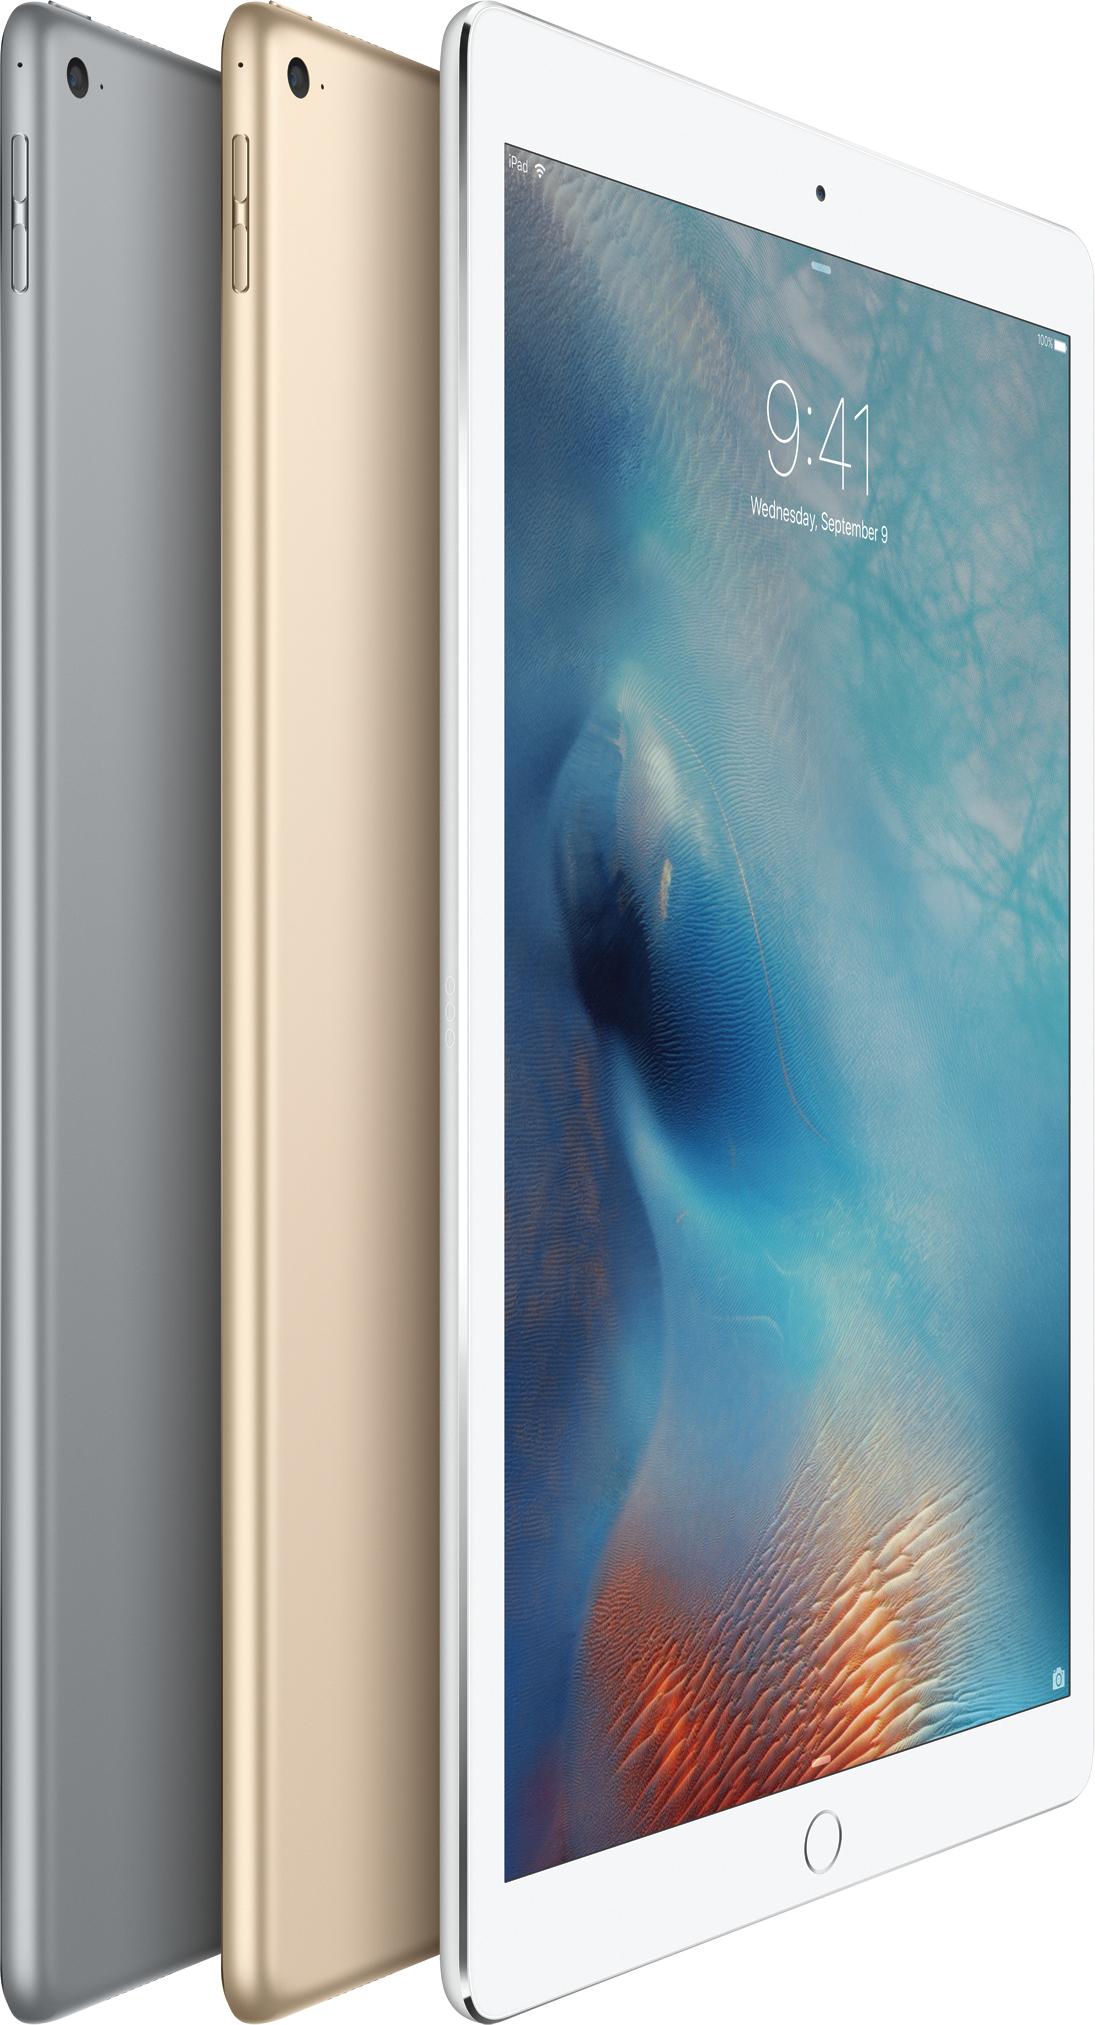 Cores do iPad Pro - cinza espacial, dourado e prateado